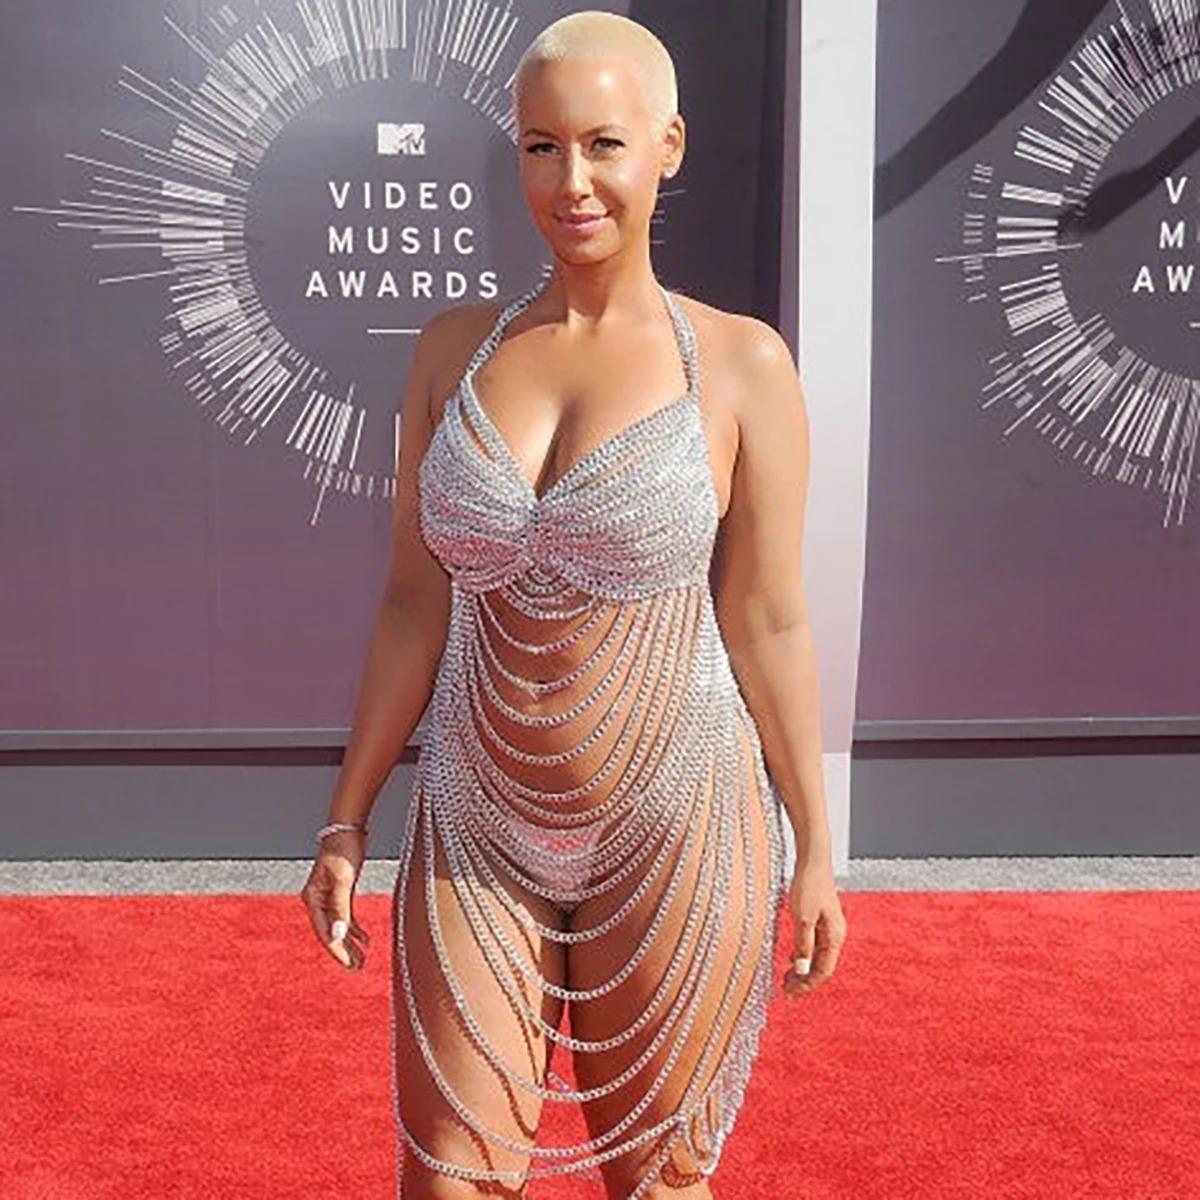 MTV Video Music Awards 2014 में एम्बर रोज अपने तब पति रहे रैपर Wiz Khalifa के साथ रेड कारपेट पर उतरी थीं. एम्बर ने डिजाइनर Laura Dewitt का बनाया आउटफिट पहना था. यह आउटफिट एक Knight के चेनमेल आर्मर और चेन लिंक फेन्स से प्रेरित था.